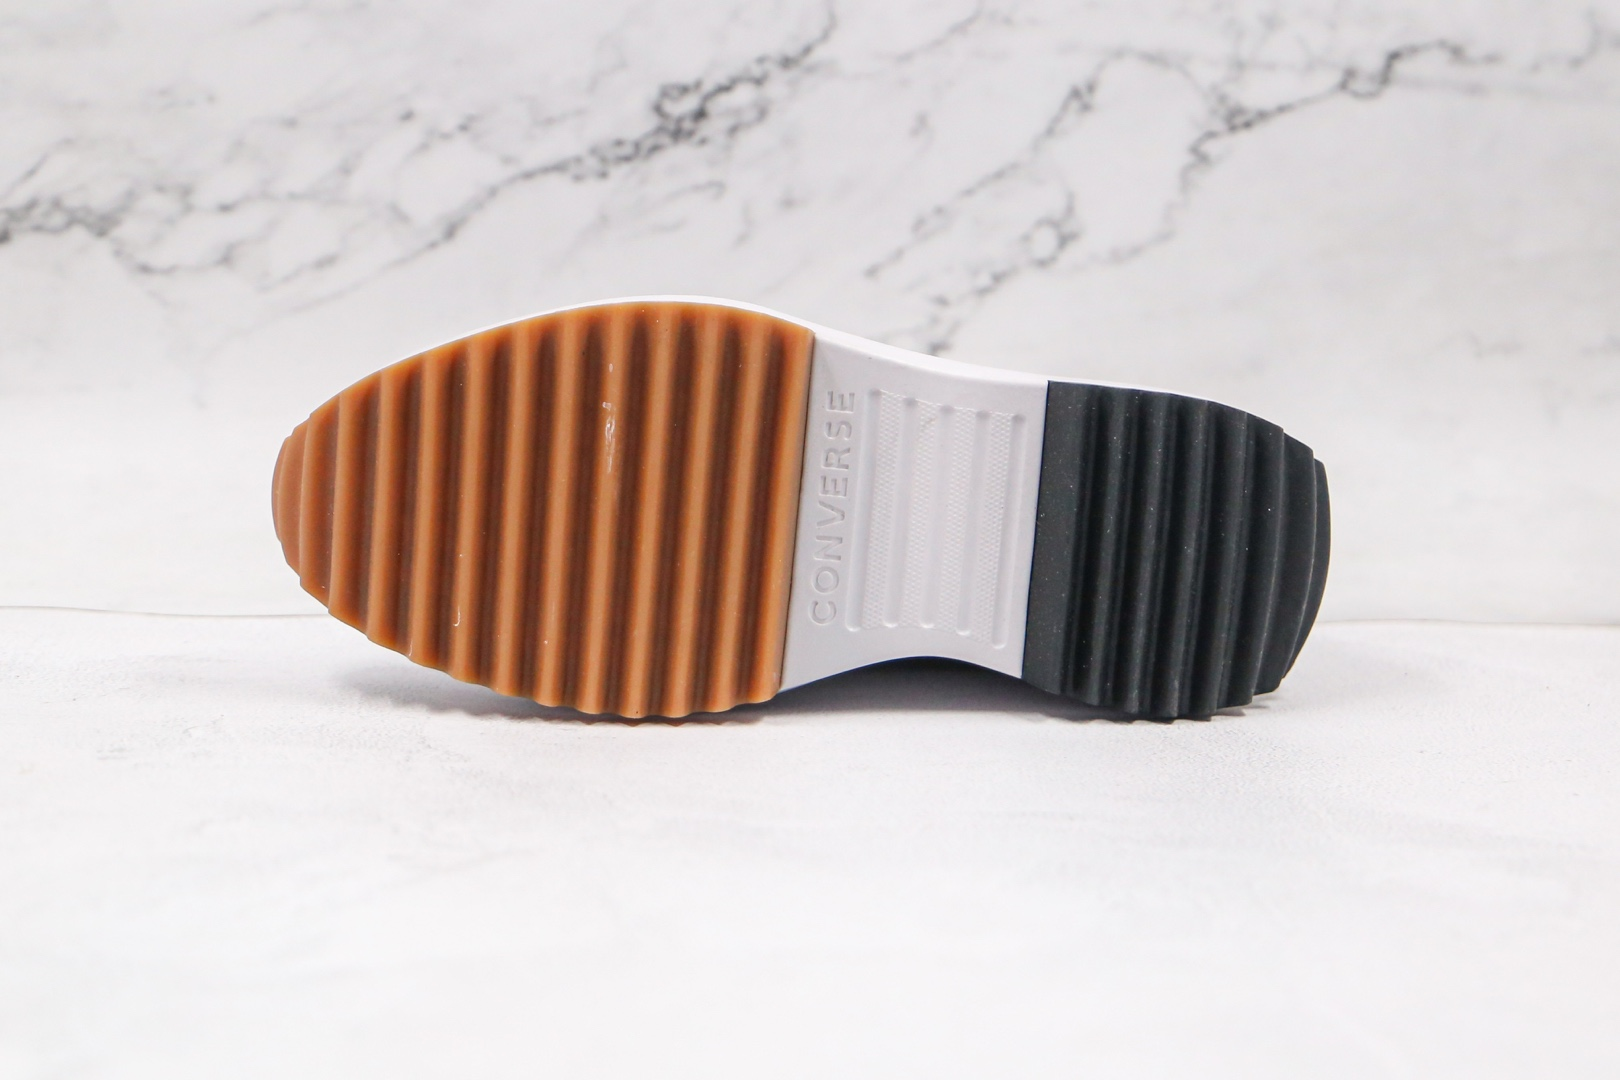 匡威Converse Run Star x JW Anderson联名款纯原版本高帮厚底锯齿雾霾灰色松糕鞋原盒原标